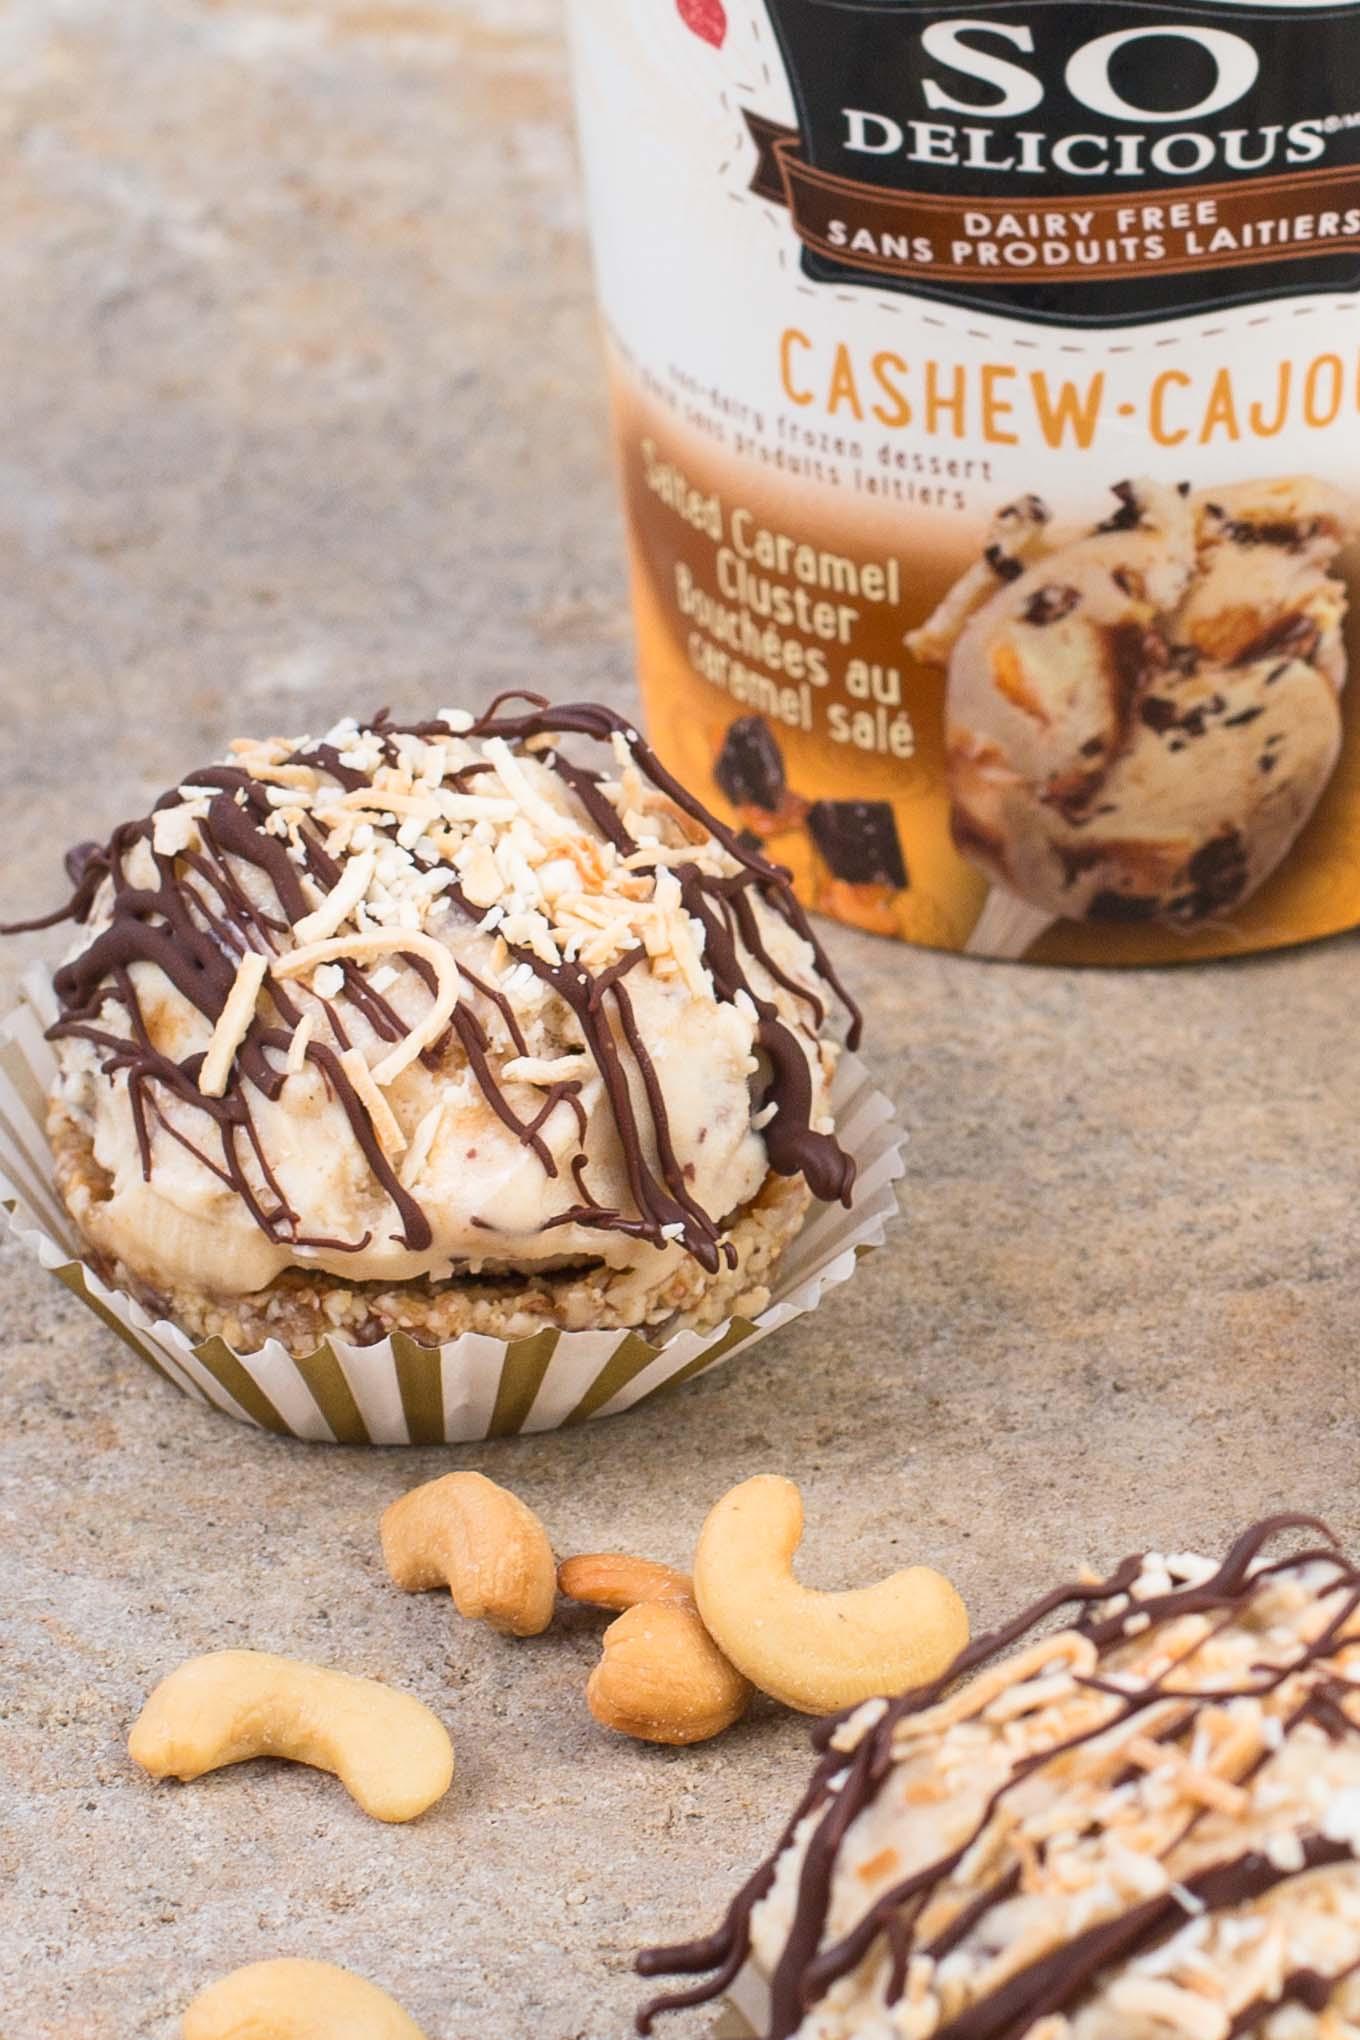 Cashew Caramel Frozen Dessert Tarts